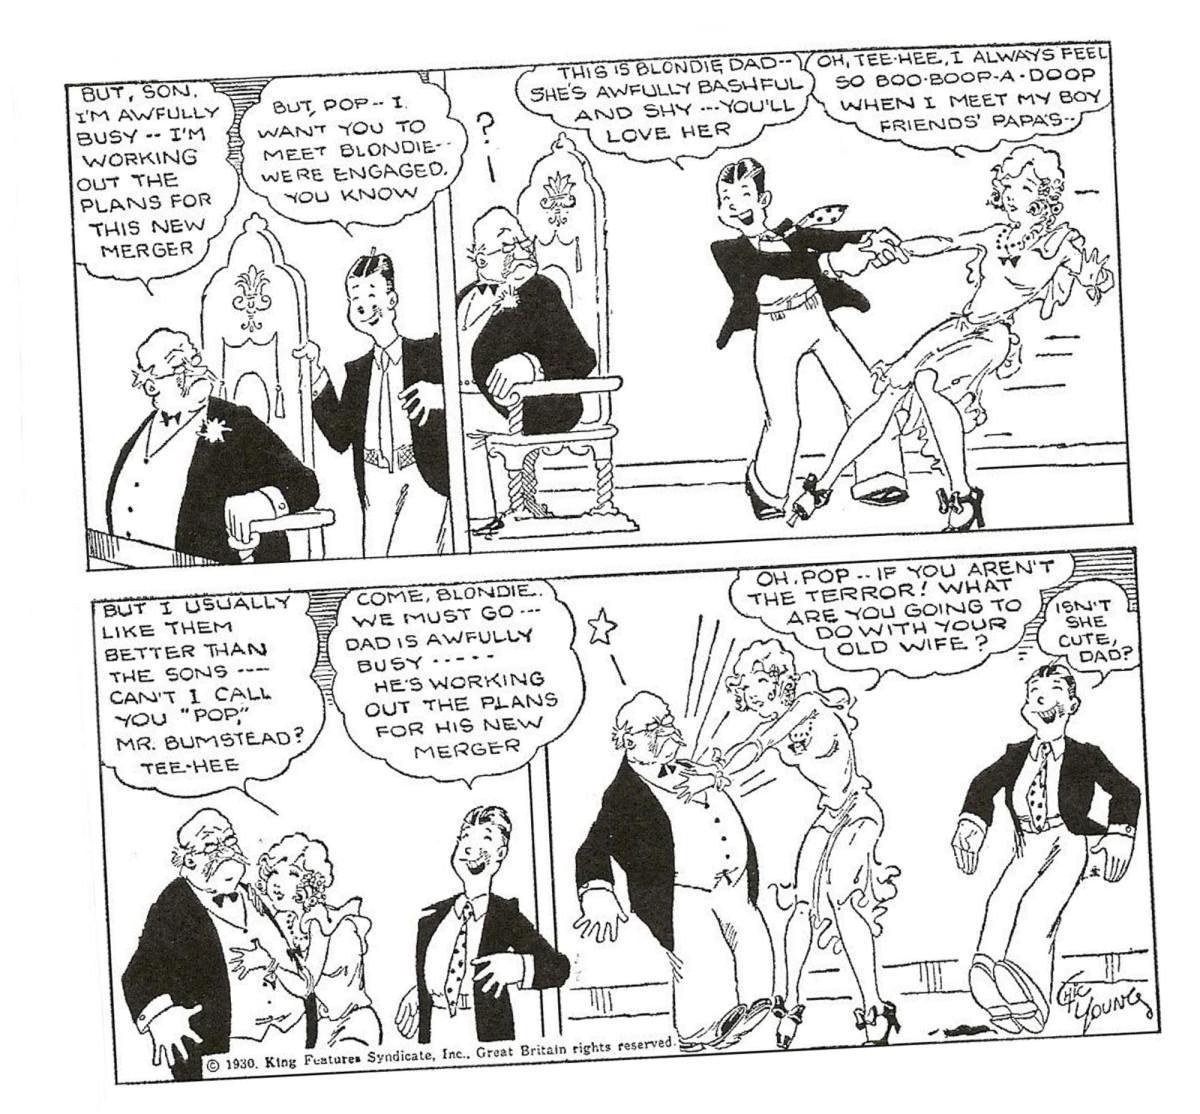 Isä, poika ja heitukka. Ensimmäinen Blondie-strippi julkaistiin 8. syyskuuta 1930.